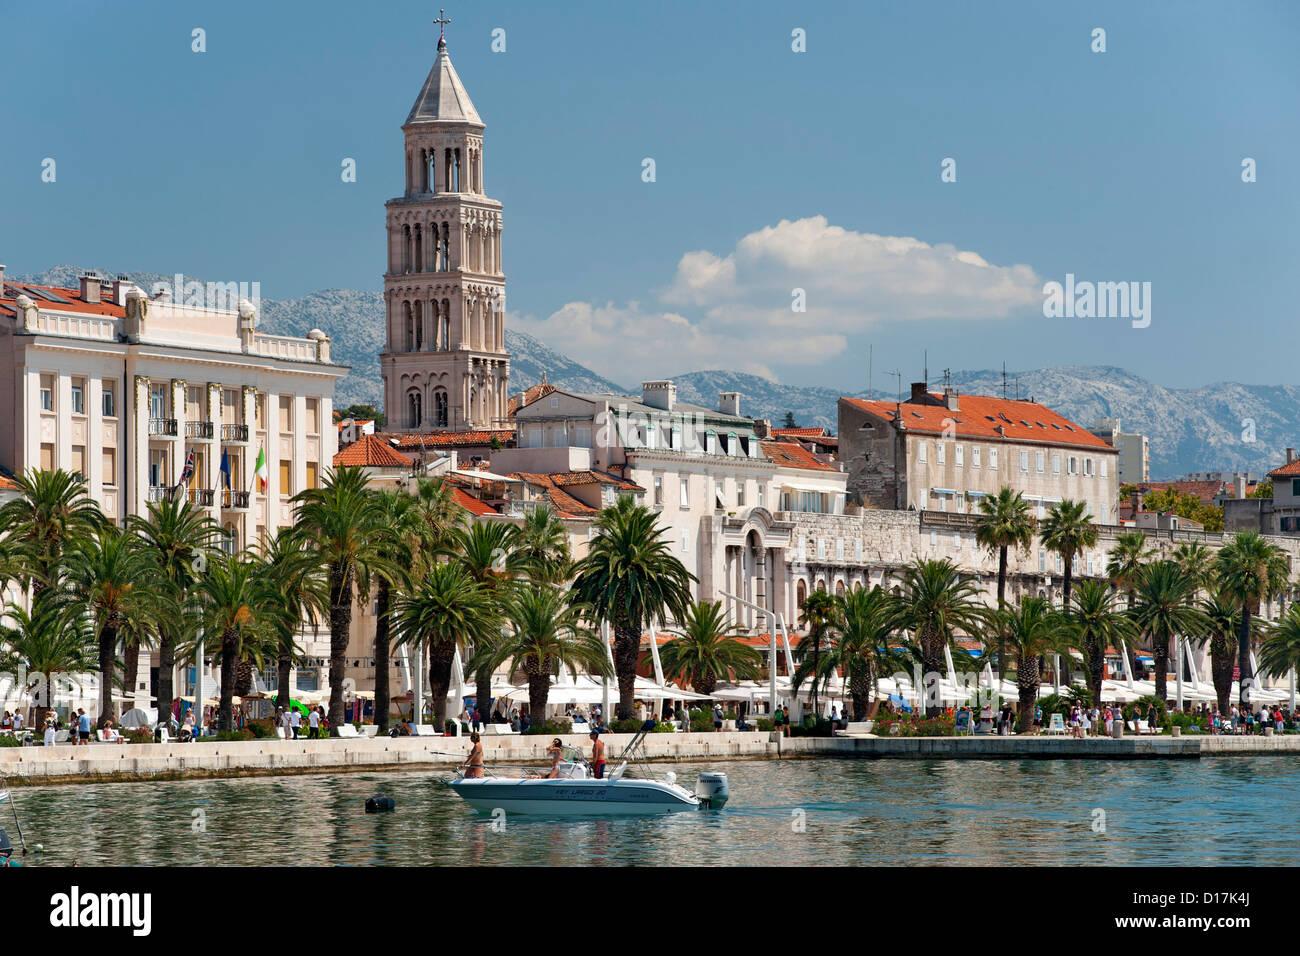 El paseo marítimo y la torre de la catedral de san Domnio, en la ciudad de Split, en Croacia. Foto de stock